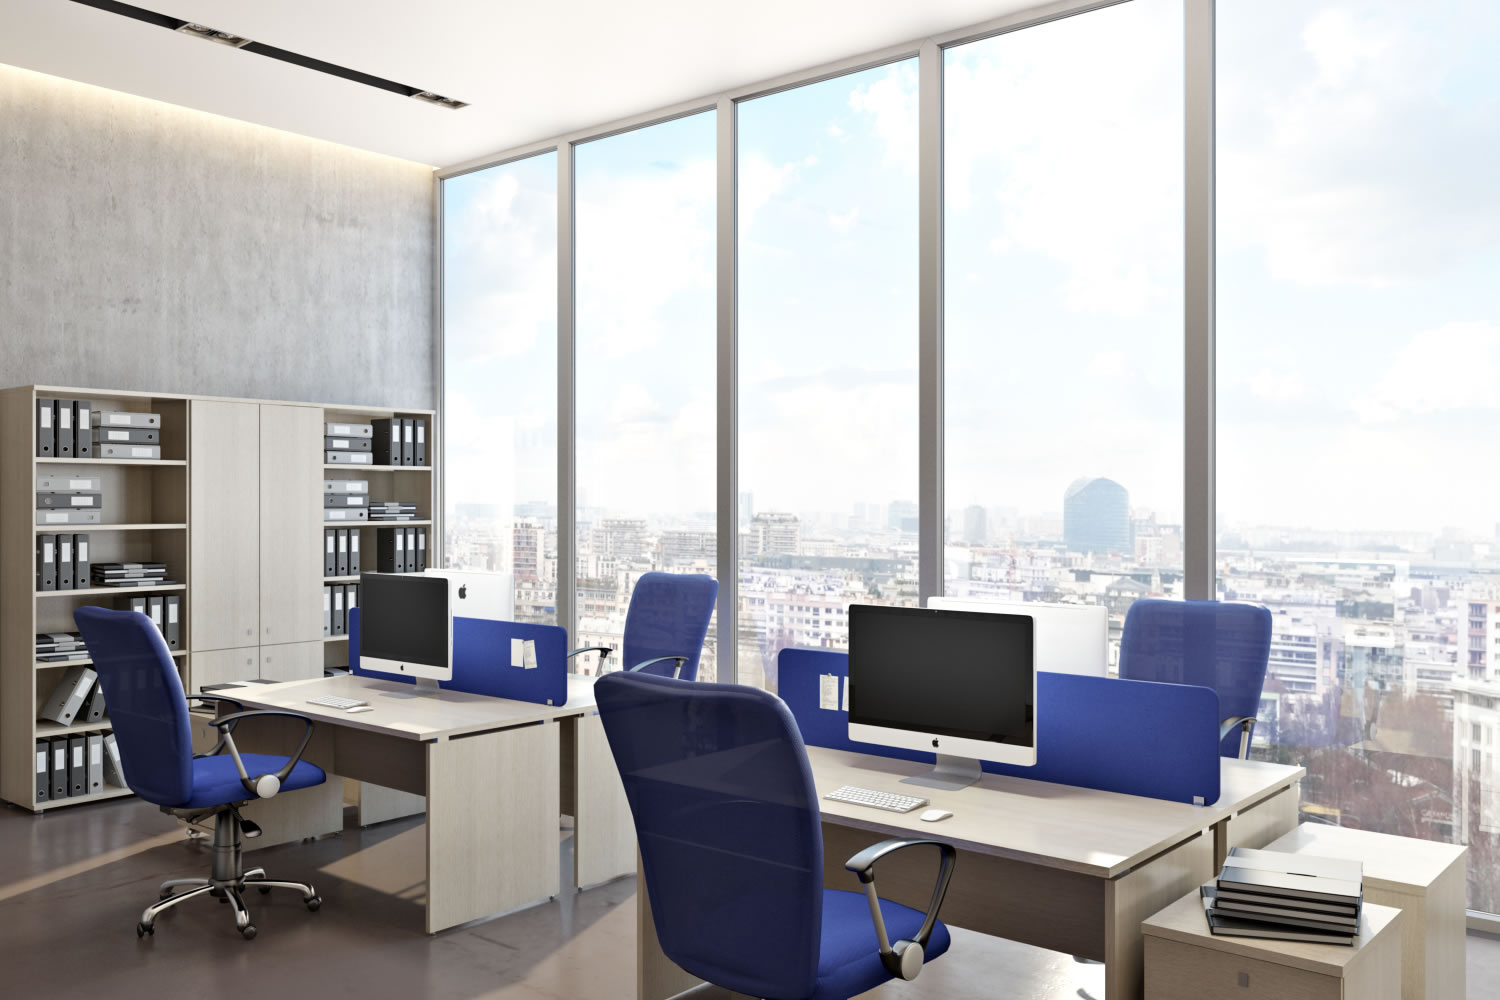 Офис в современном стиле. Обустройте современное рабочее место